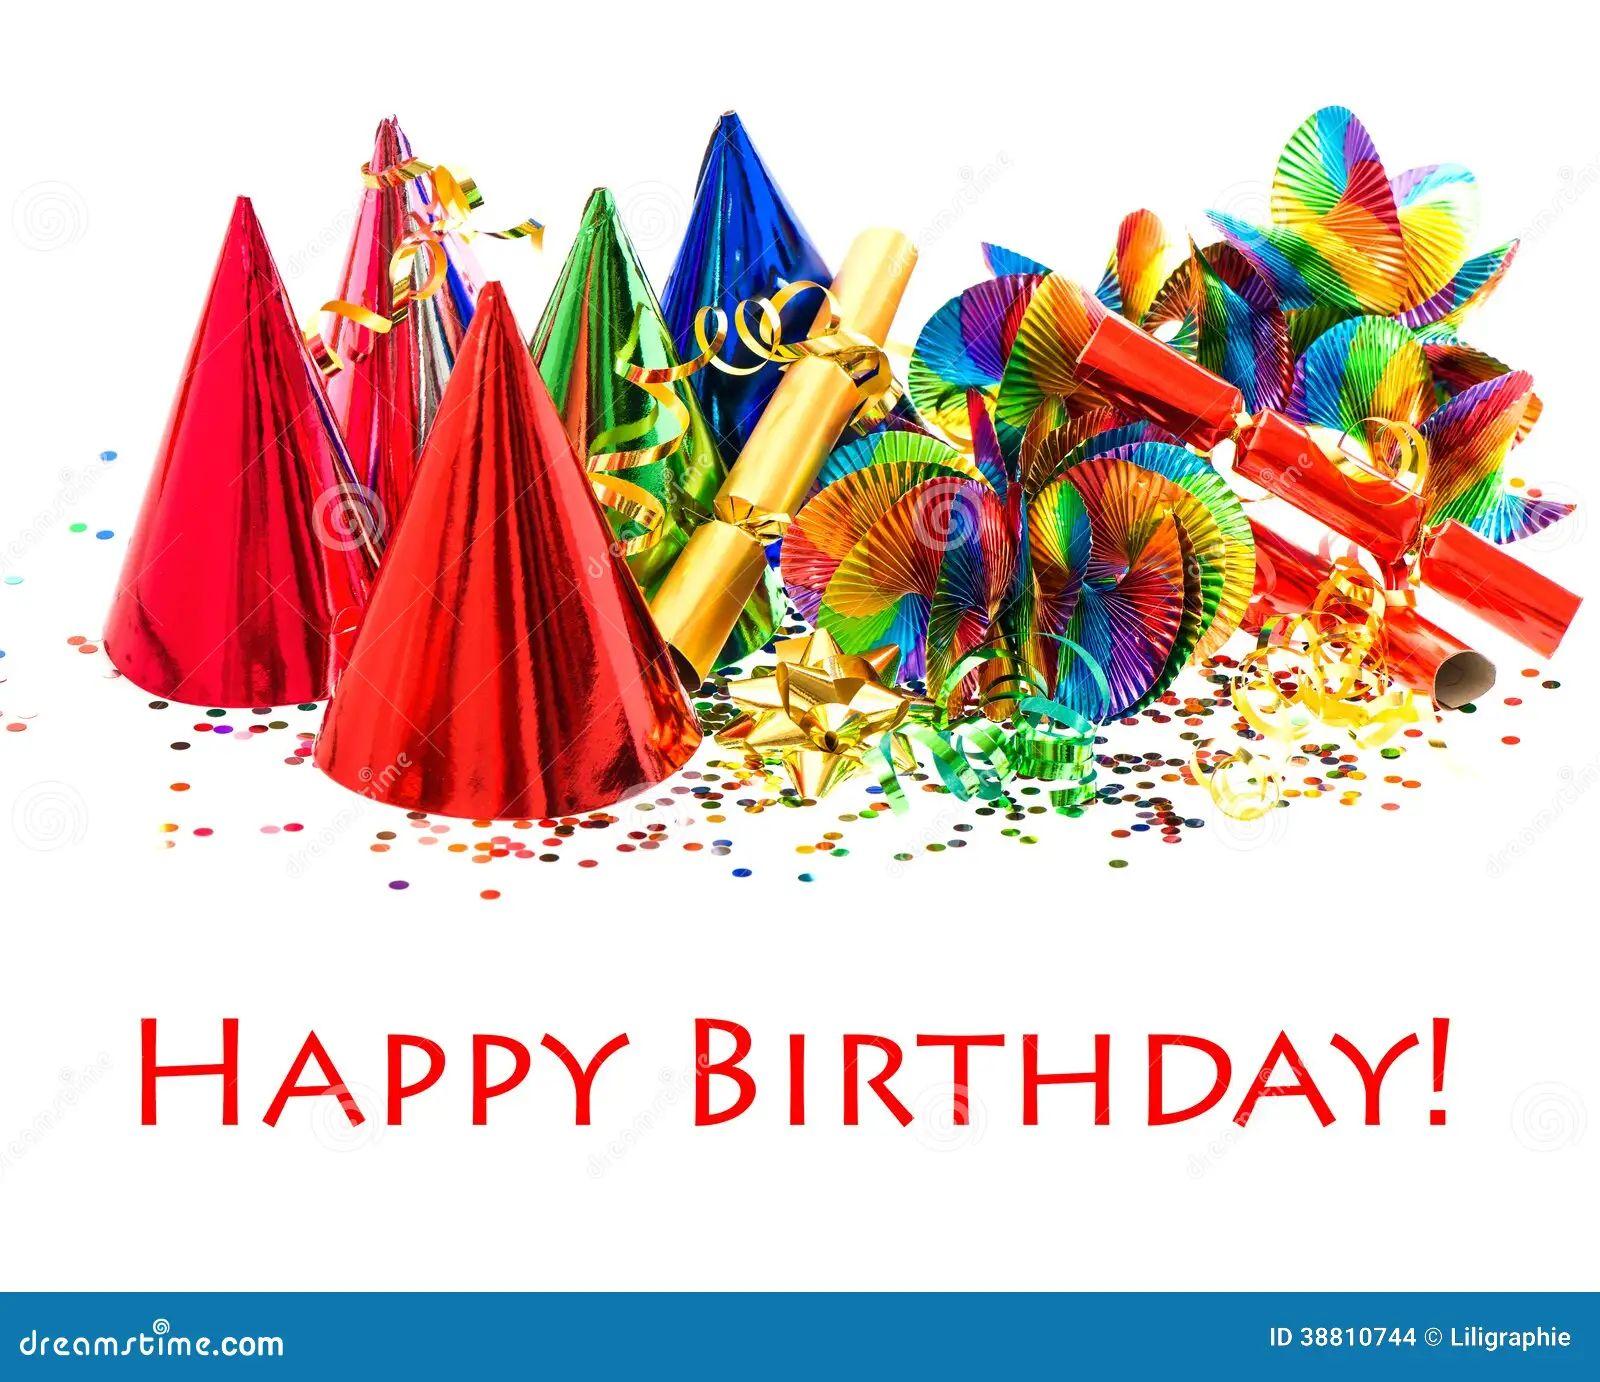 happy birthday streamer